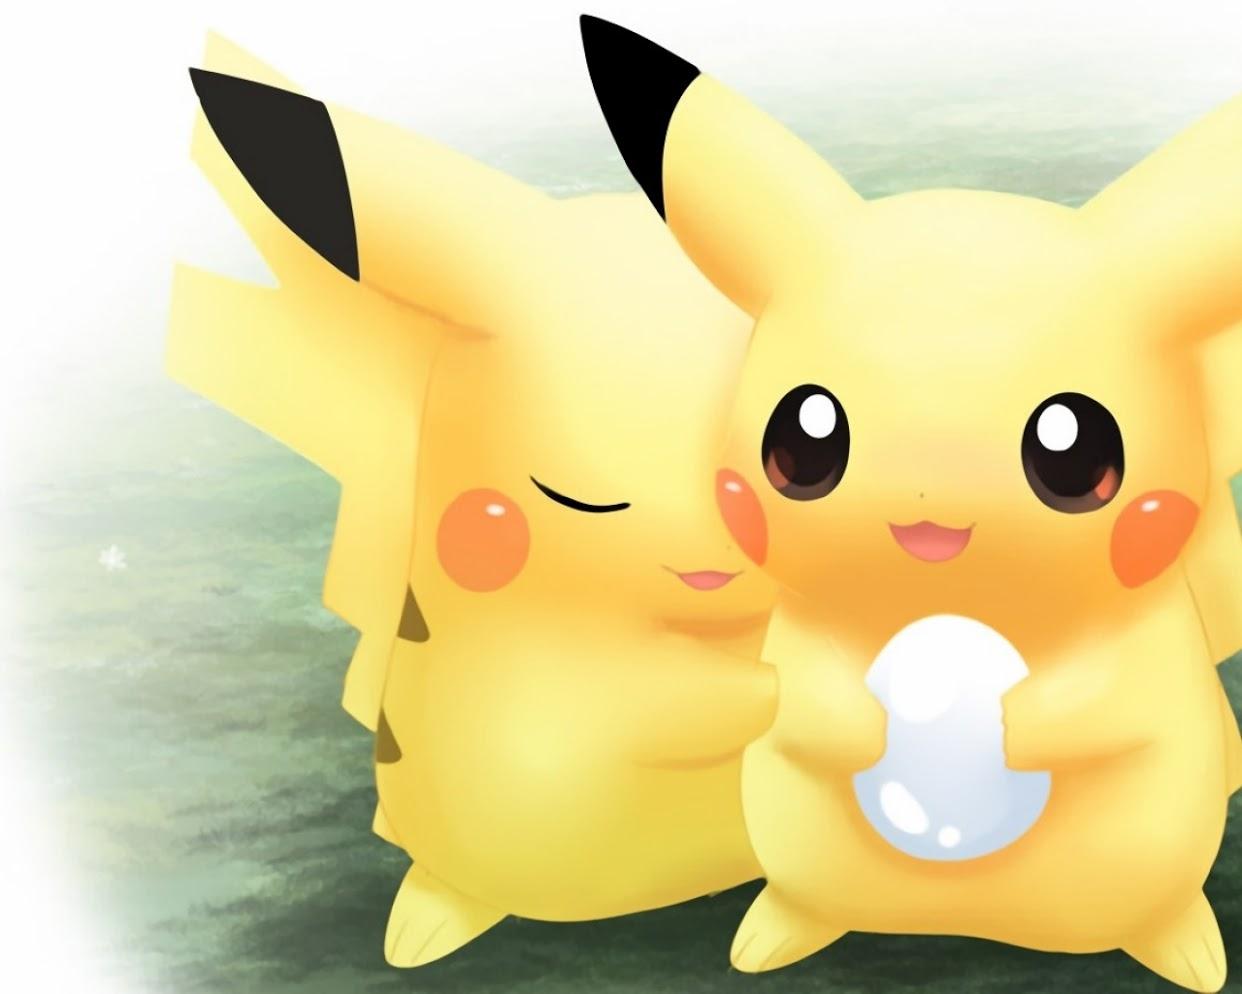 Cute pikachu wallpapers wallpapersafari - Images de pikachu ...